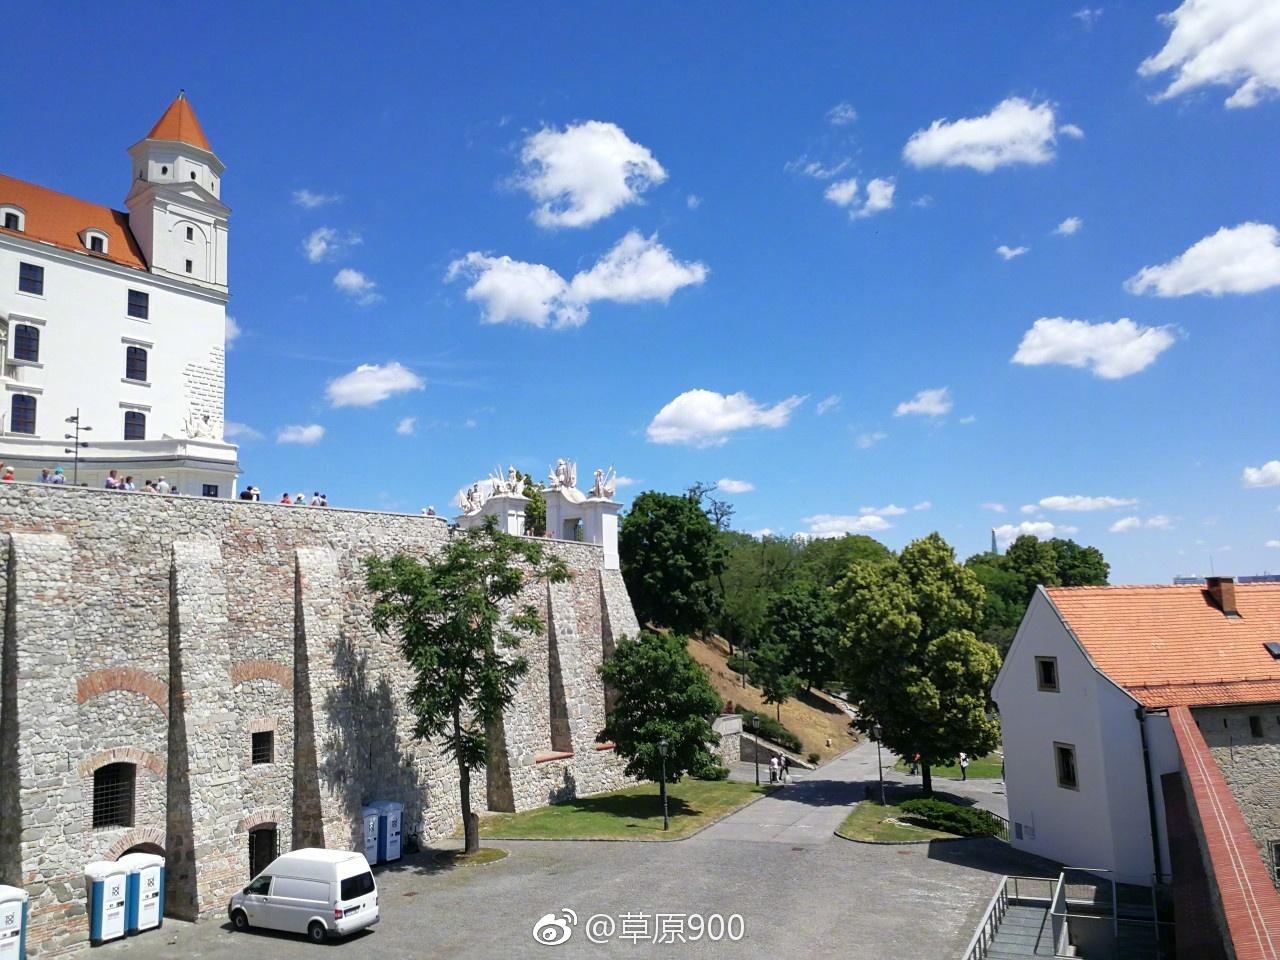 斯洛伐克港口_欧洲明珠,斯洛伐克首府的明媚天空